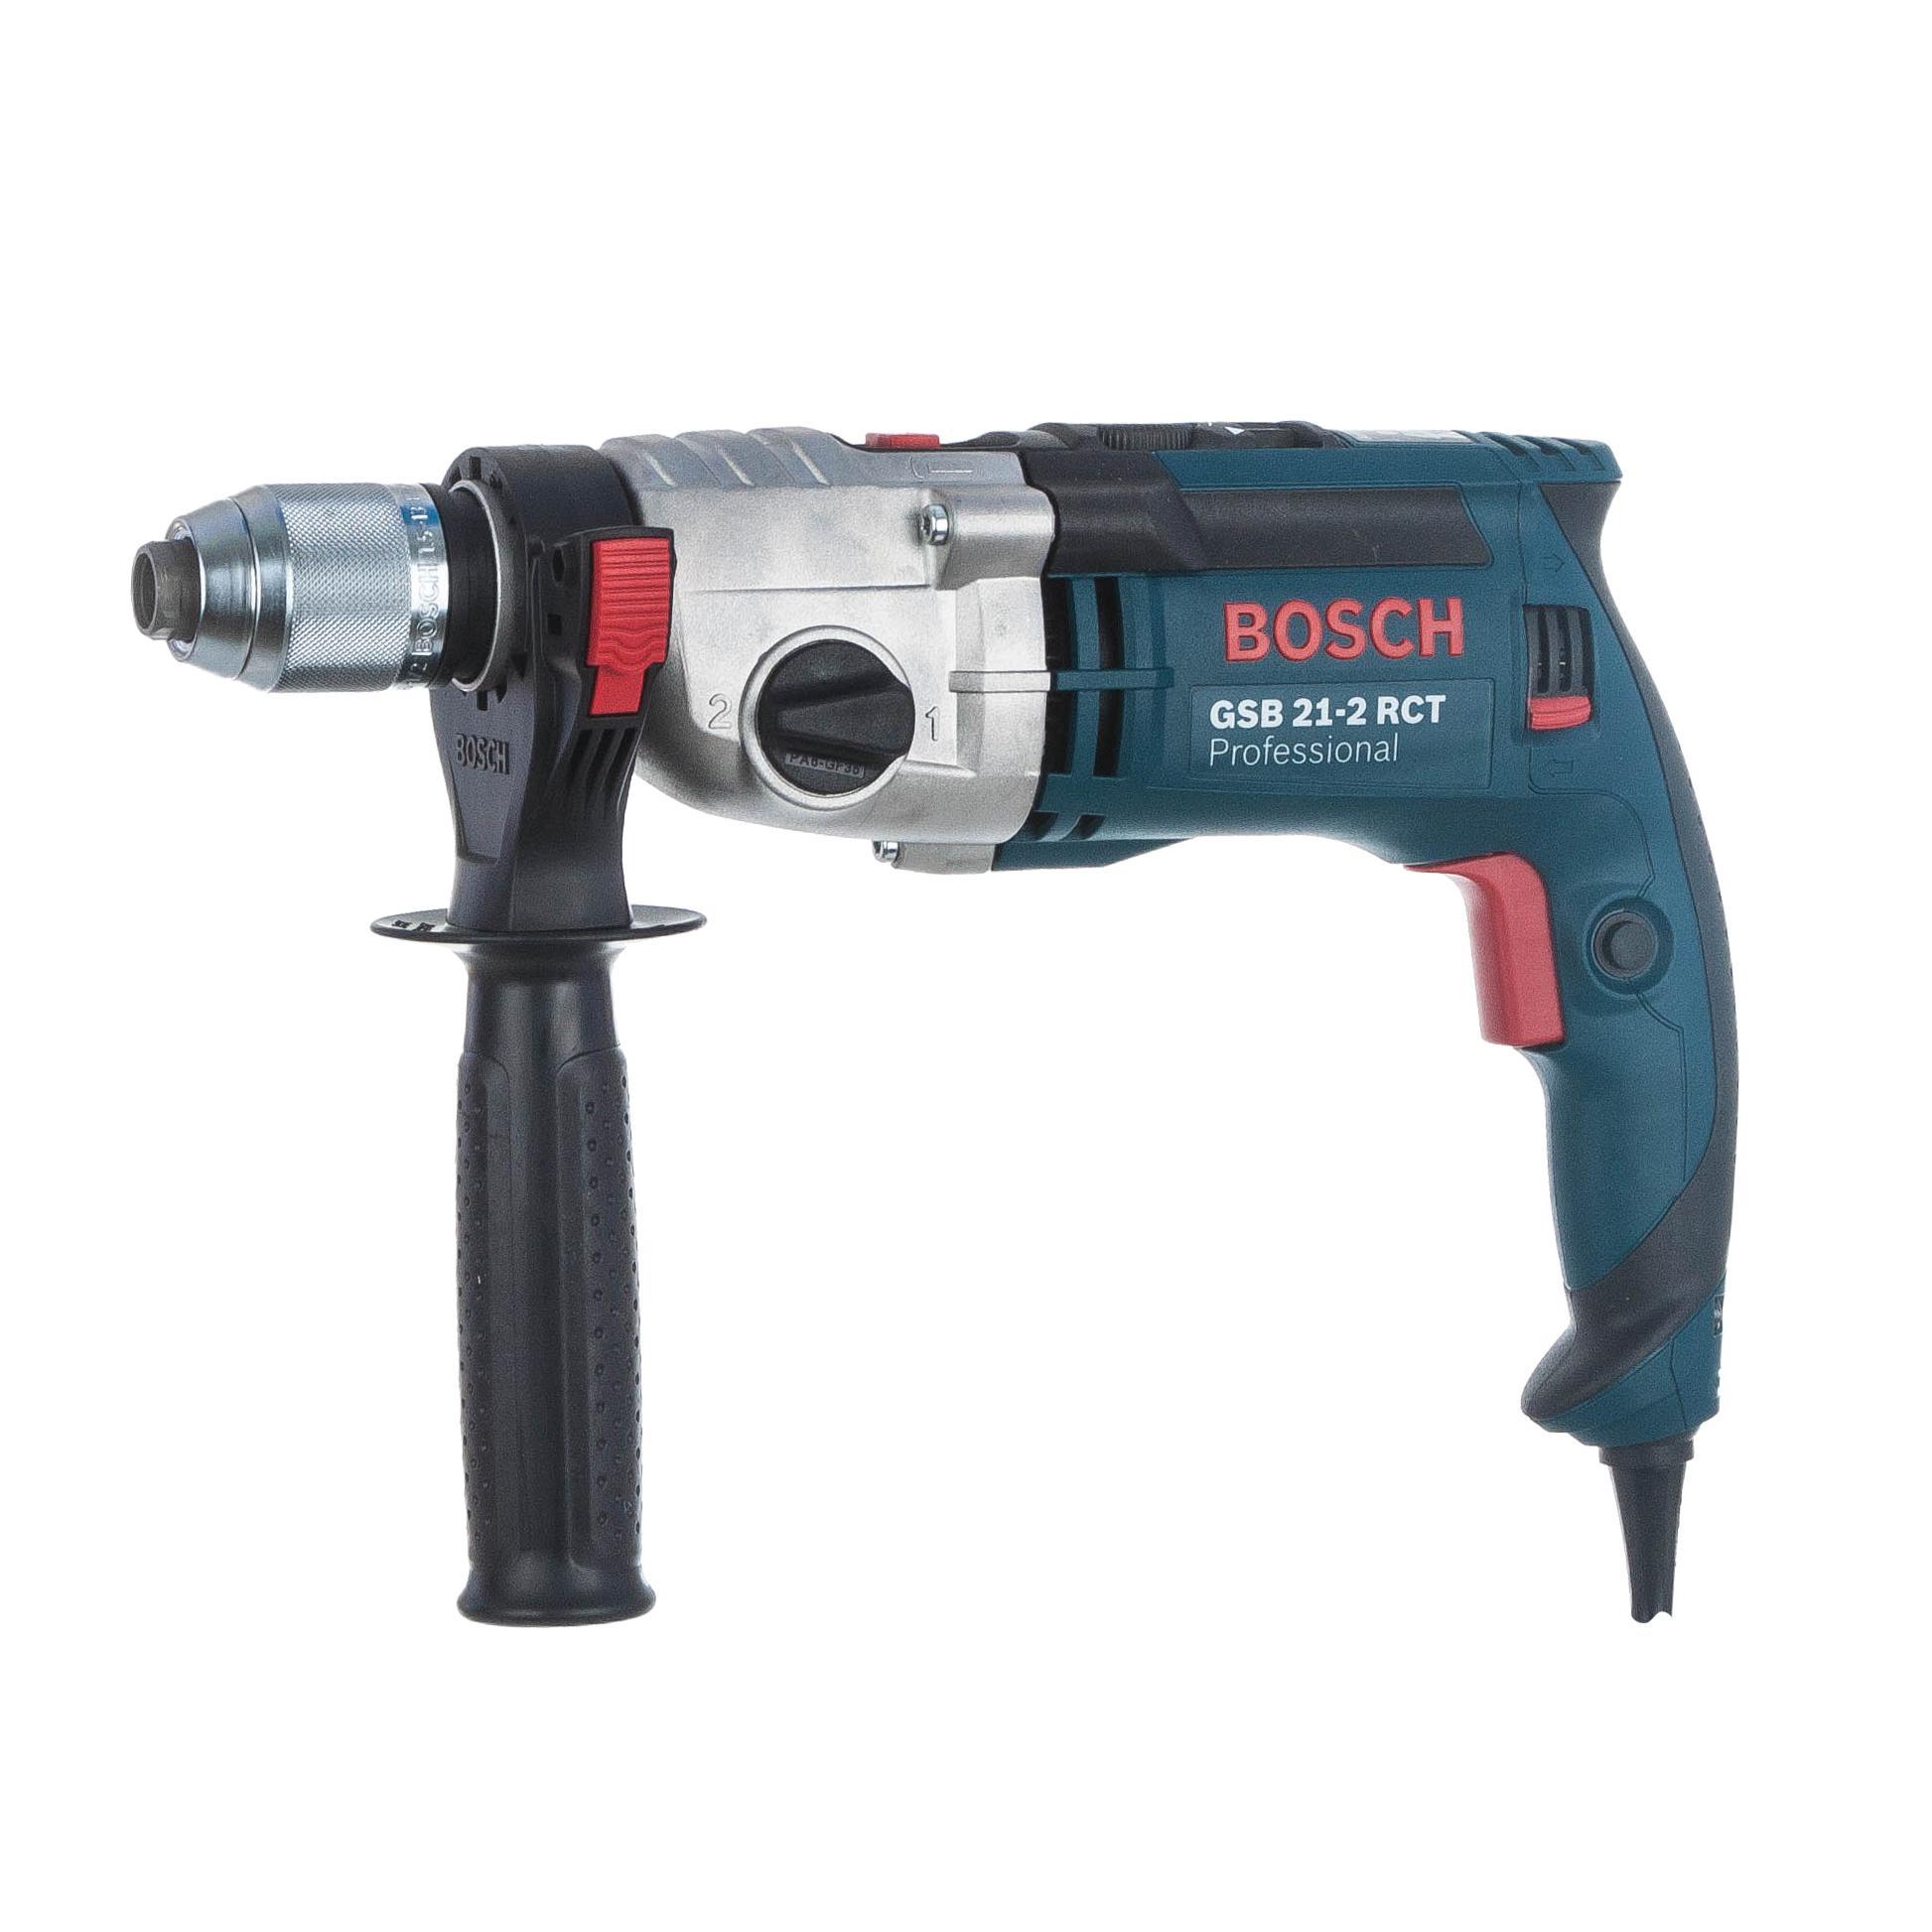 Дрель ударная Bosch Gsb 21-2 rct (0.601.19c.700) дрель электрическая bosch gsb 21 2 re 0 601 19c 500 ударная